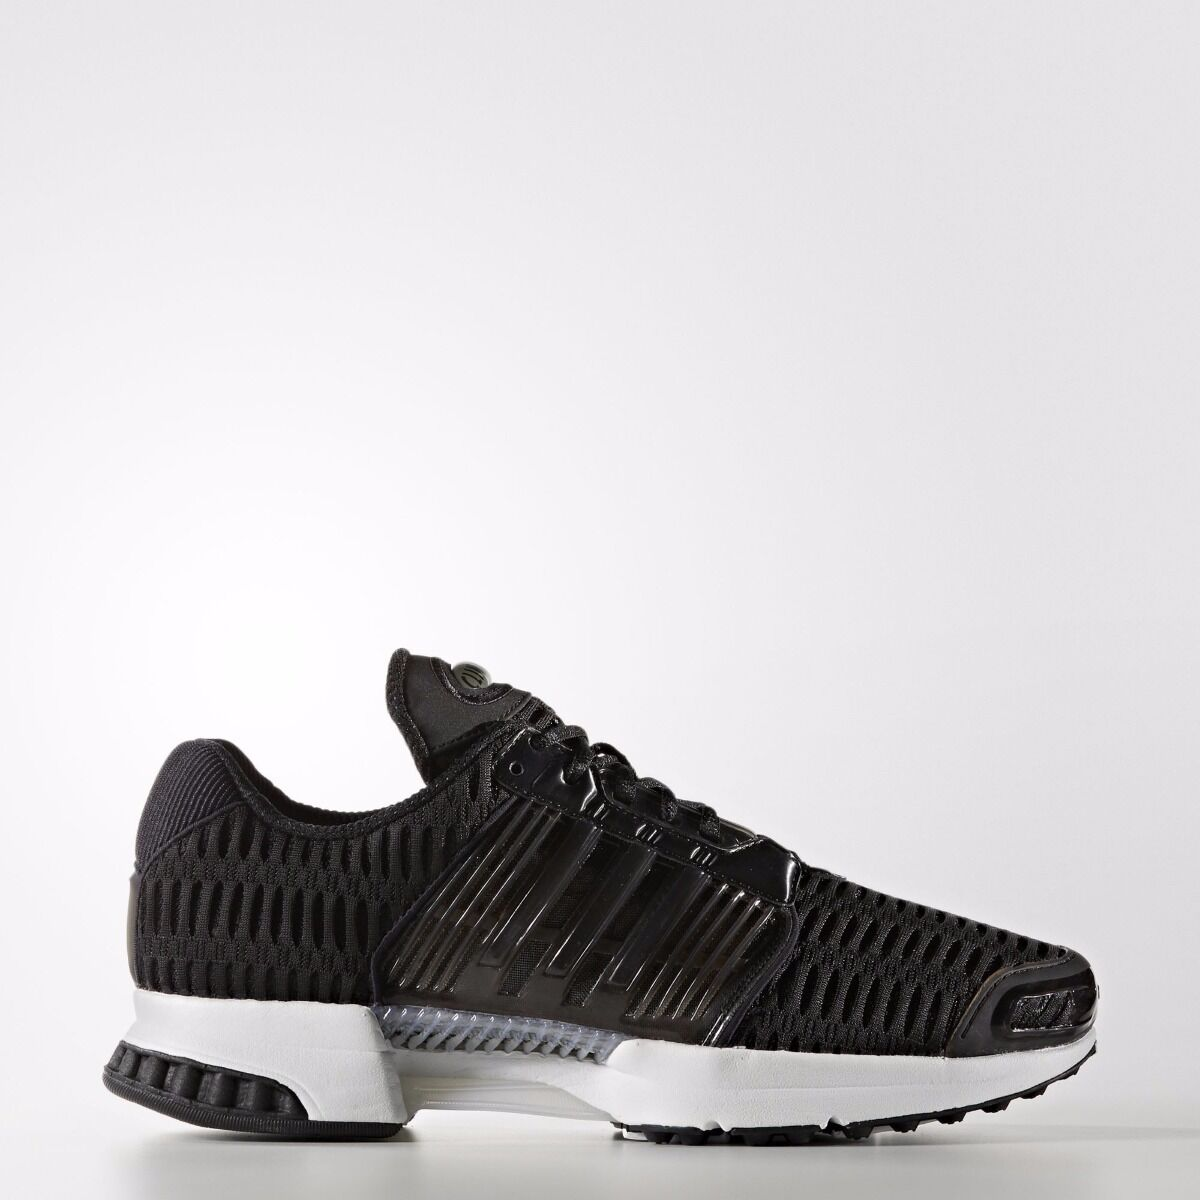 Adidas Clima Cool 1 da donna da corsa Scarpe sportive numero 3.5 4 4.5 5 6 NUOVO